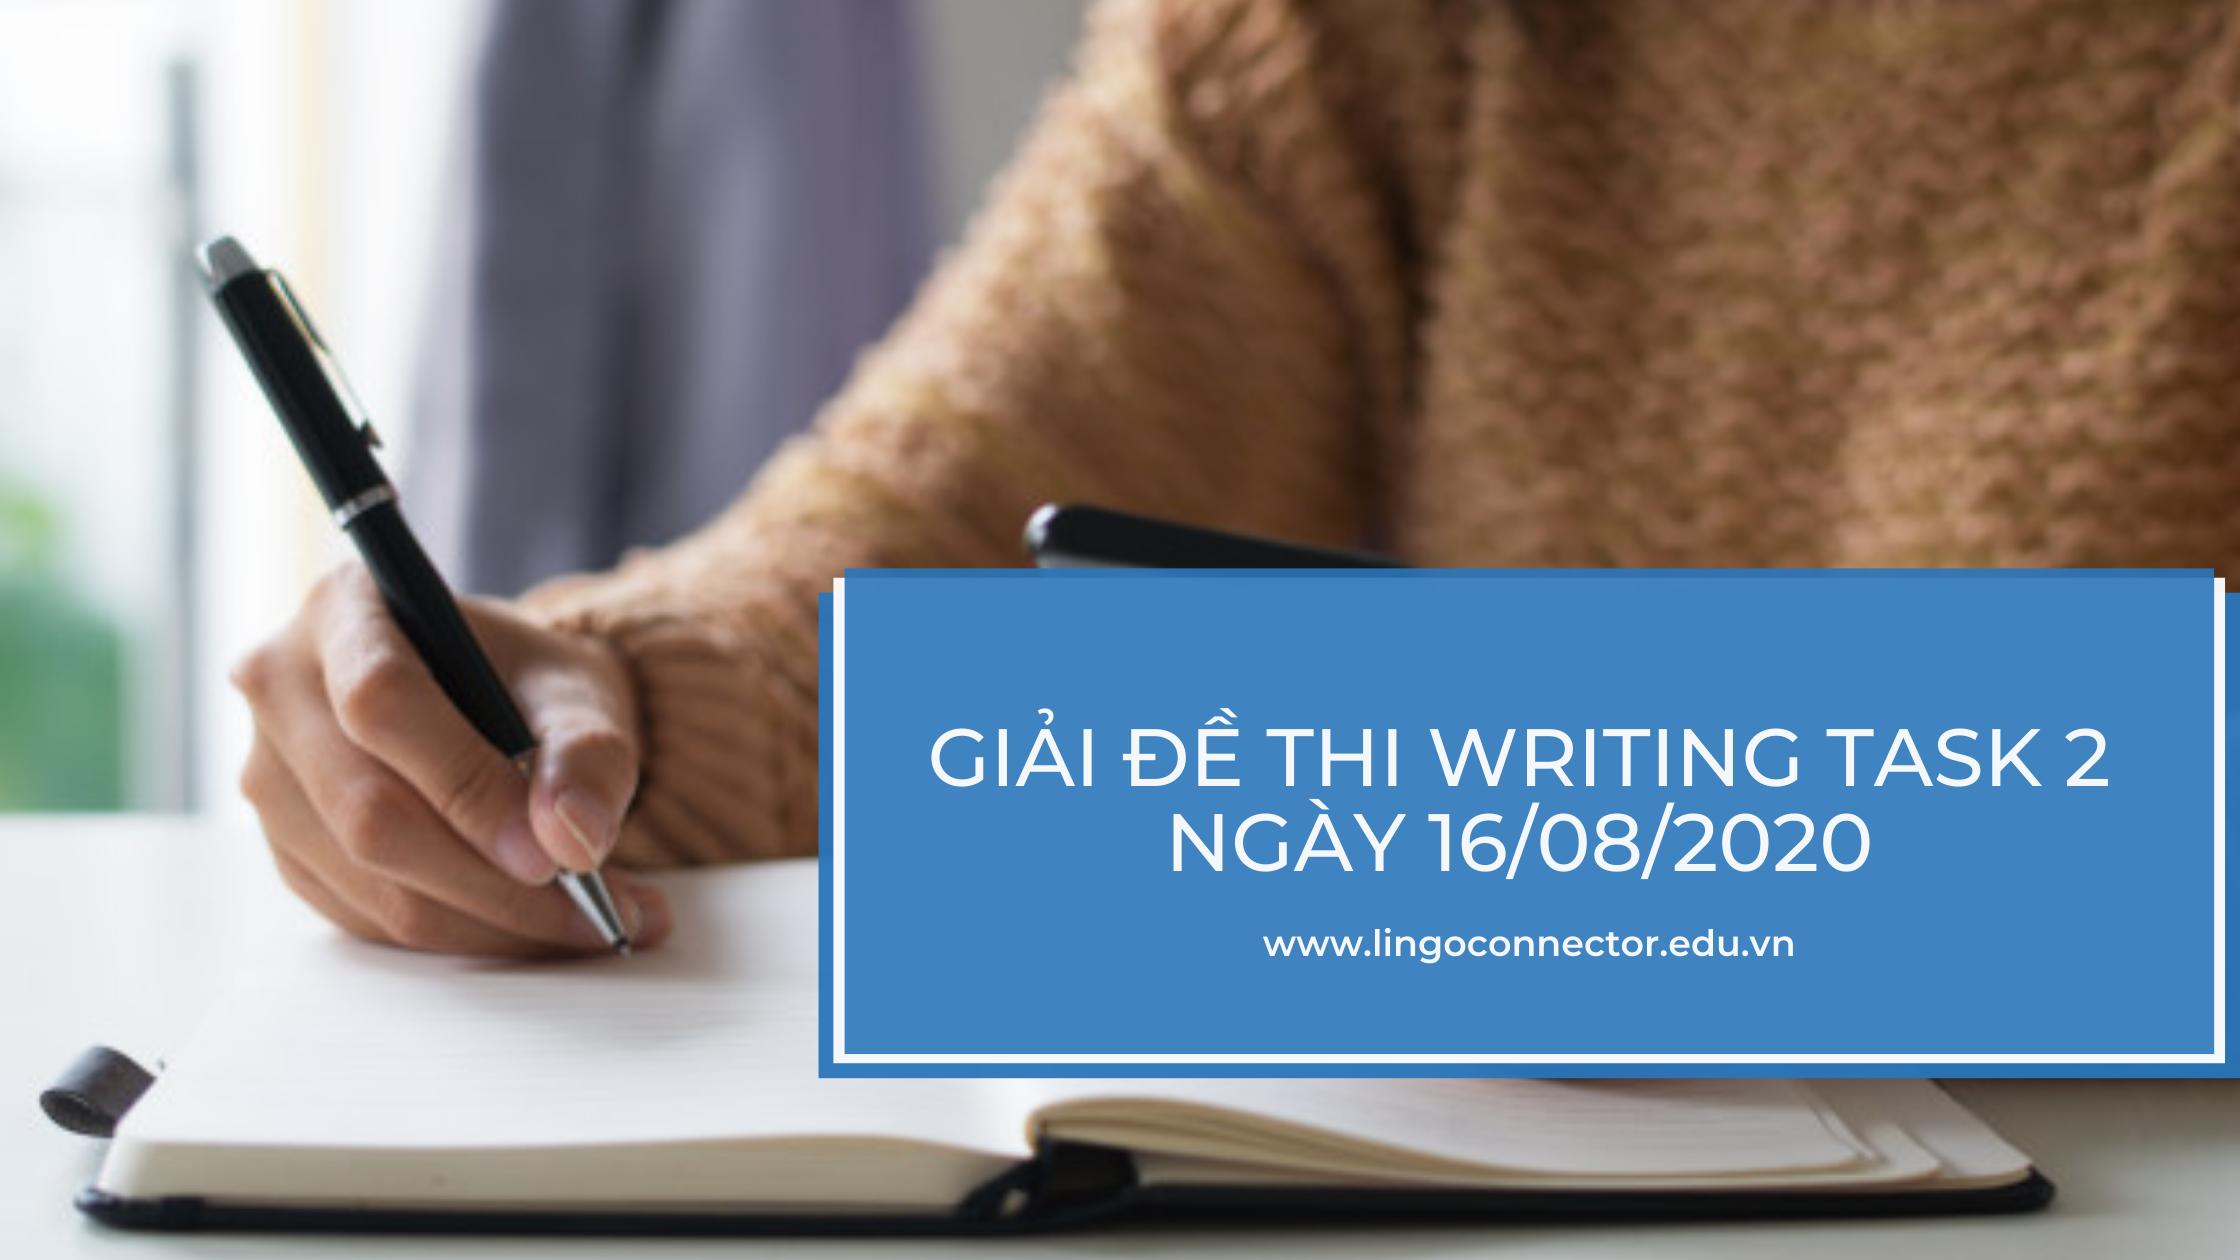 GIẢI ĐỀ THI WRITING TASK 2 NGÀY 16/08/2020